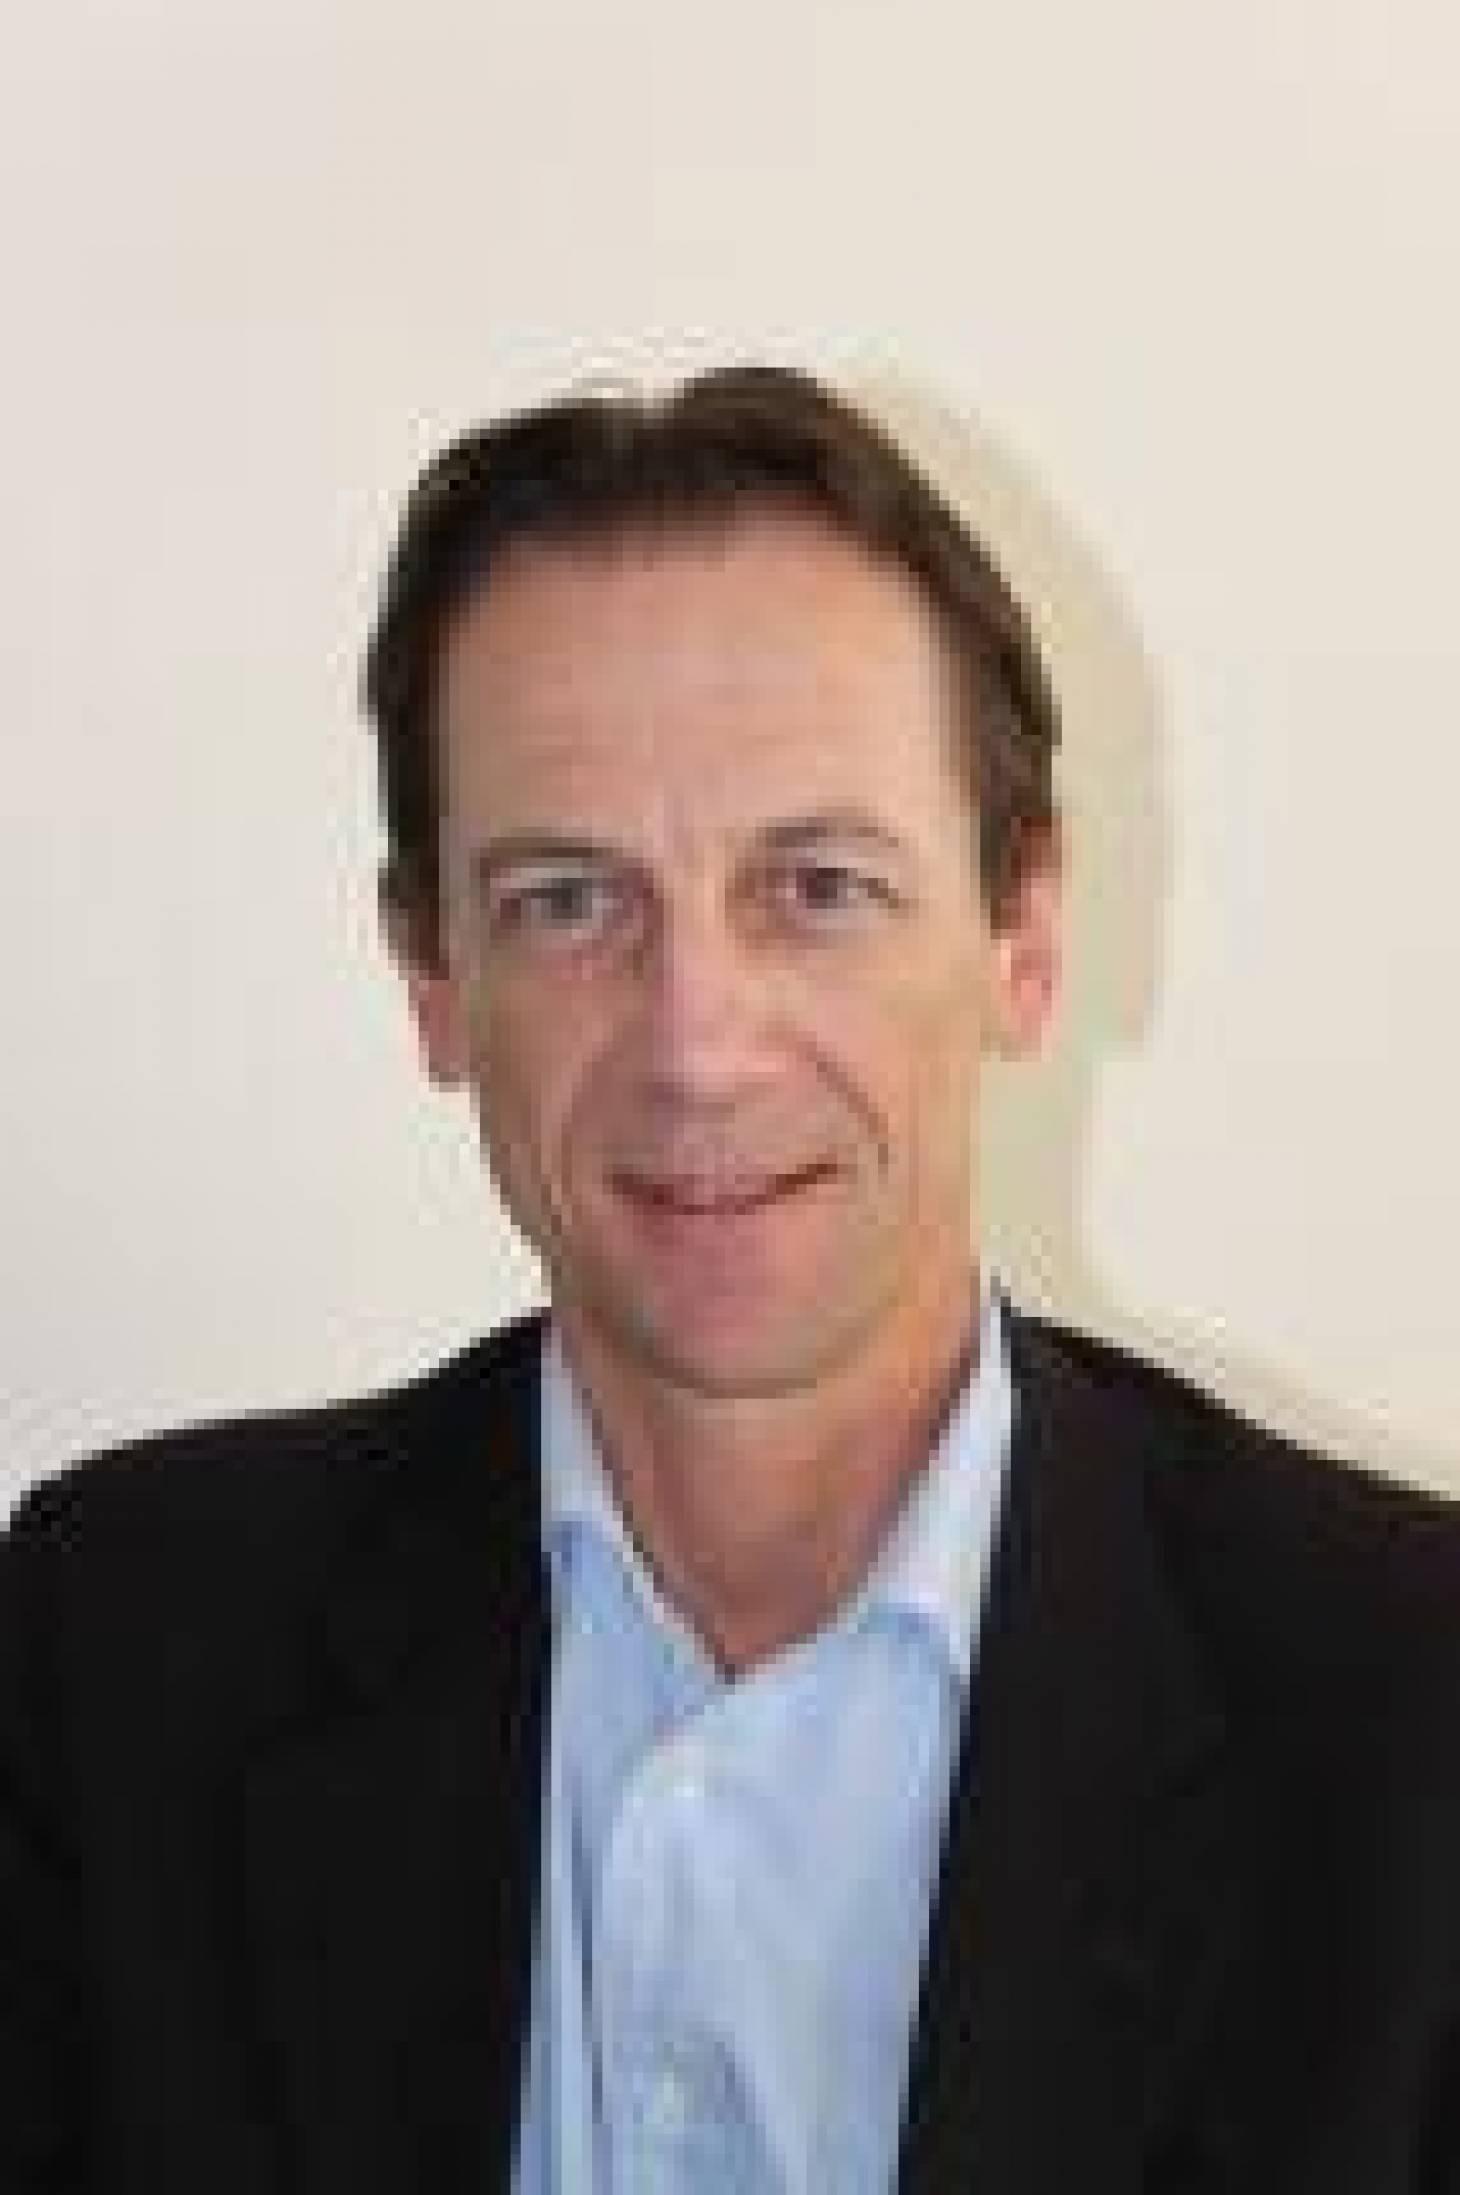 Sénatoriales - Yves Bouloux : « Aller plus loin »